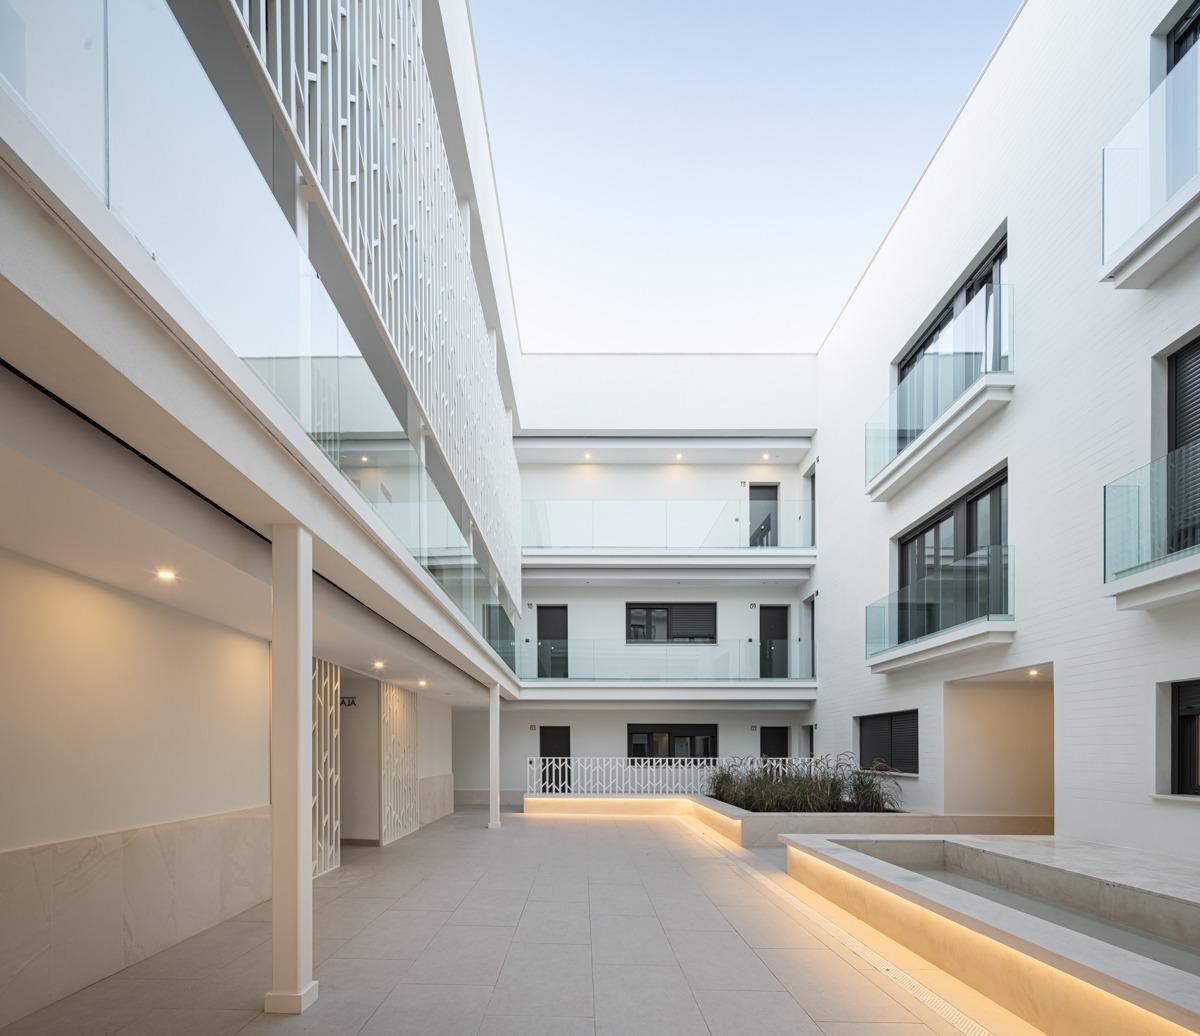 Residencial Santa Clara - Centro de Sevilla